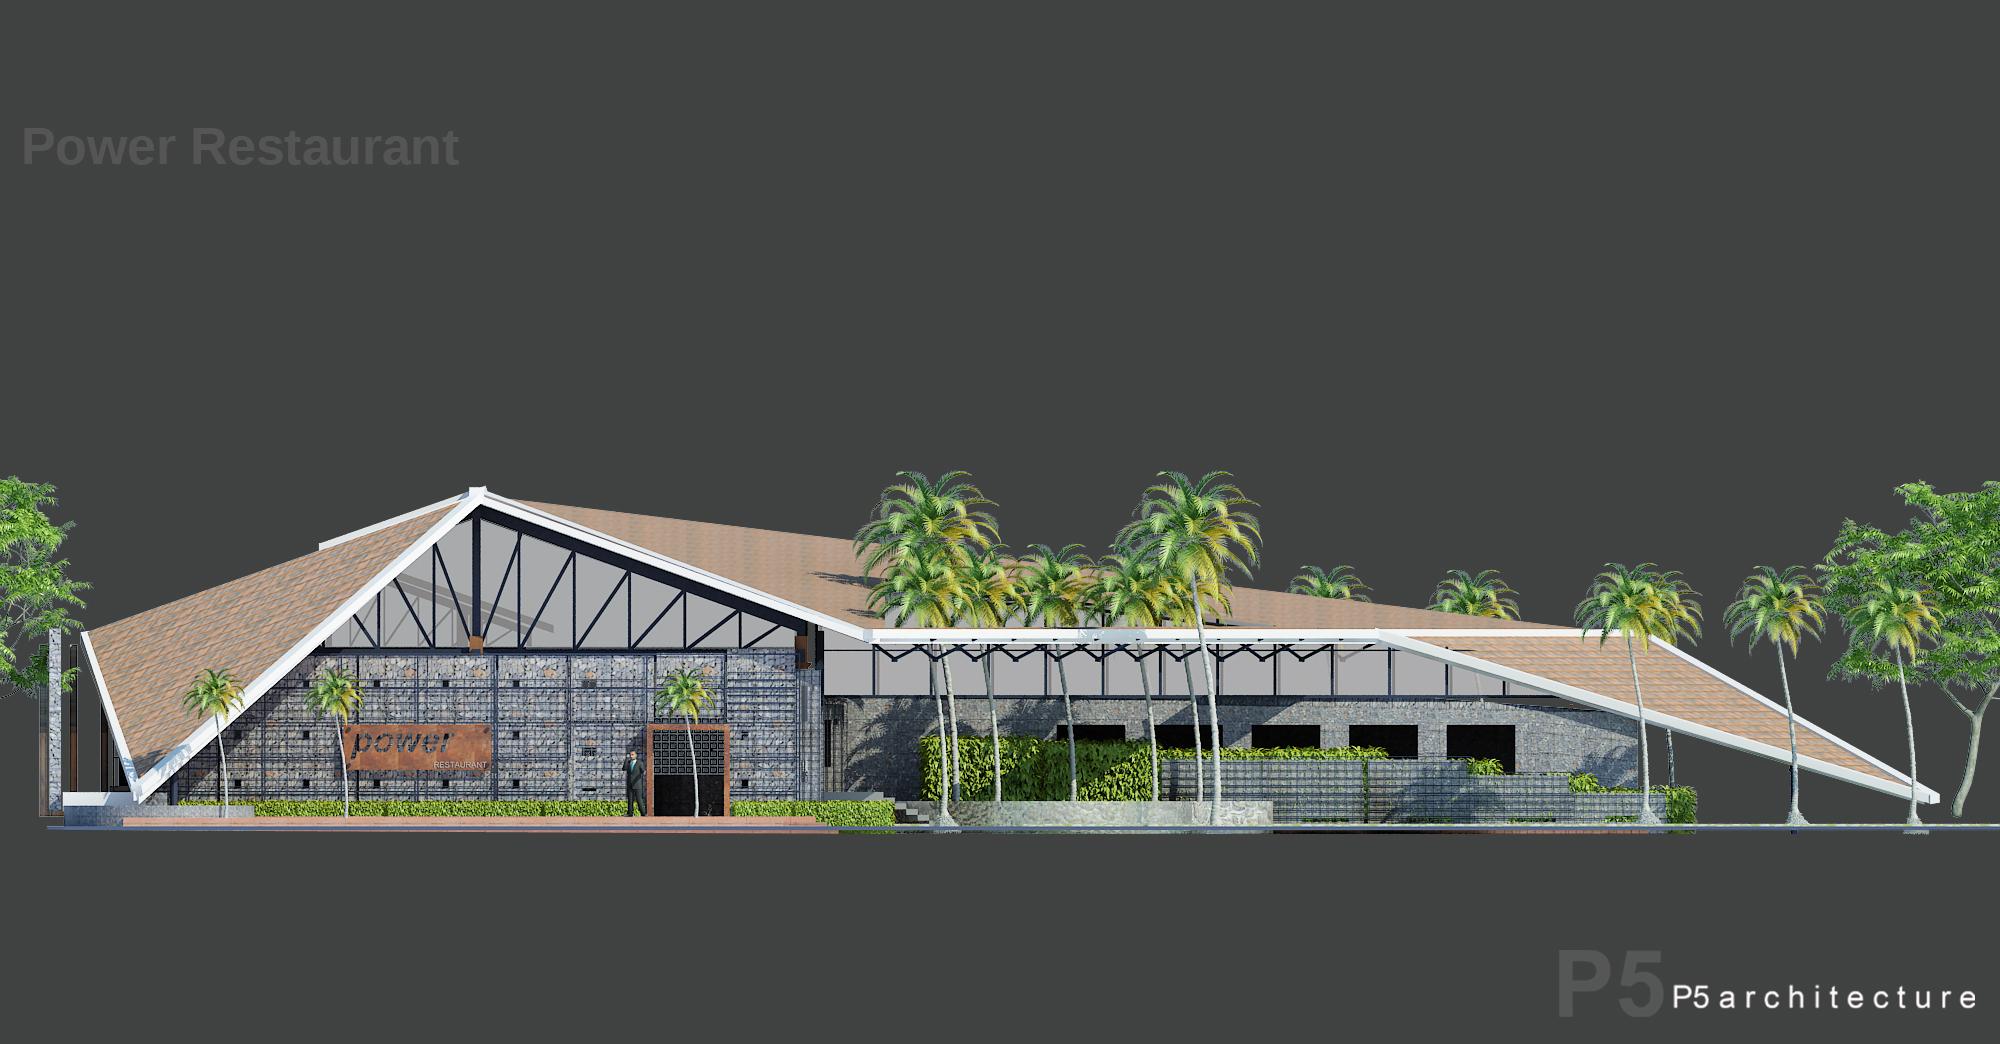 thiết kế Nhà Hàng tại Bắc Ninh POWER Restaurant 2 1563122784